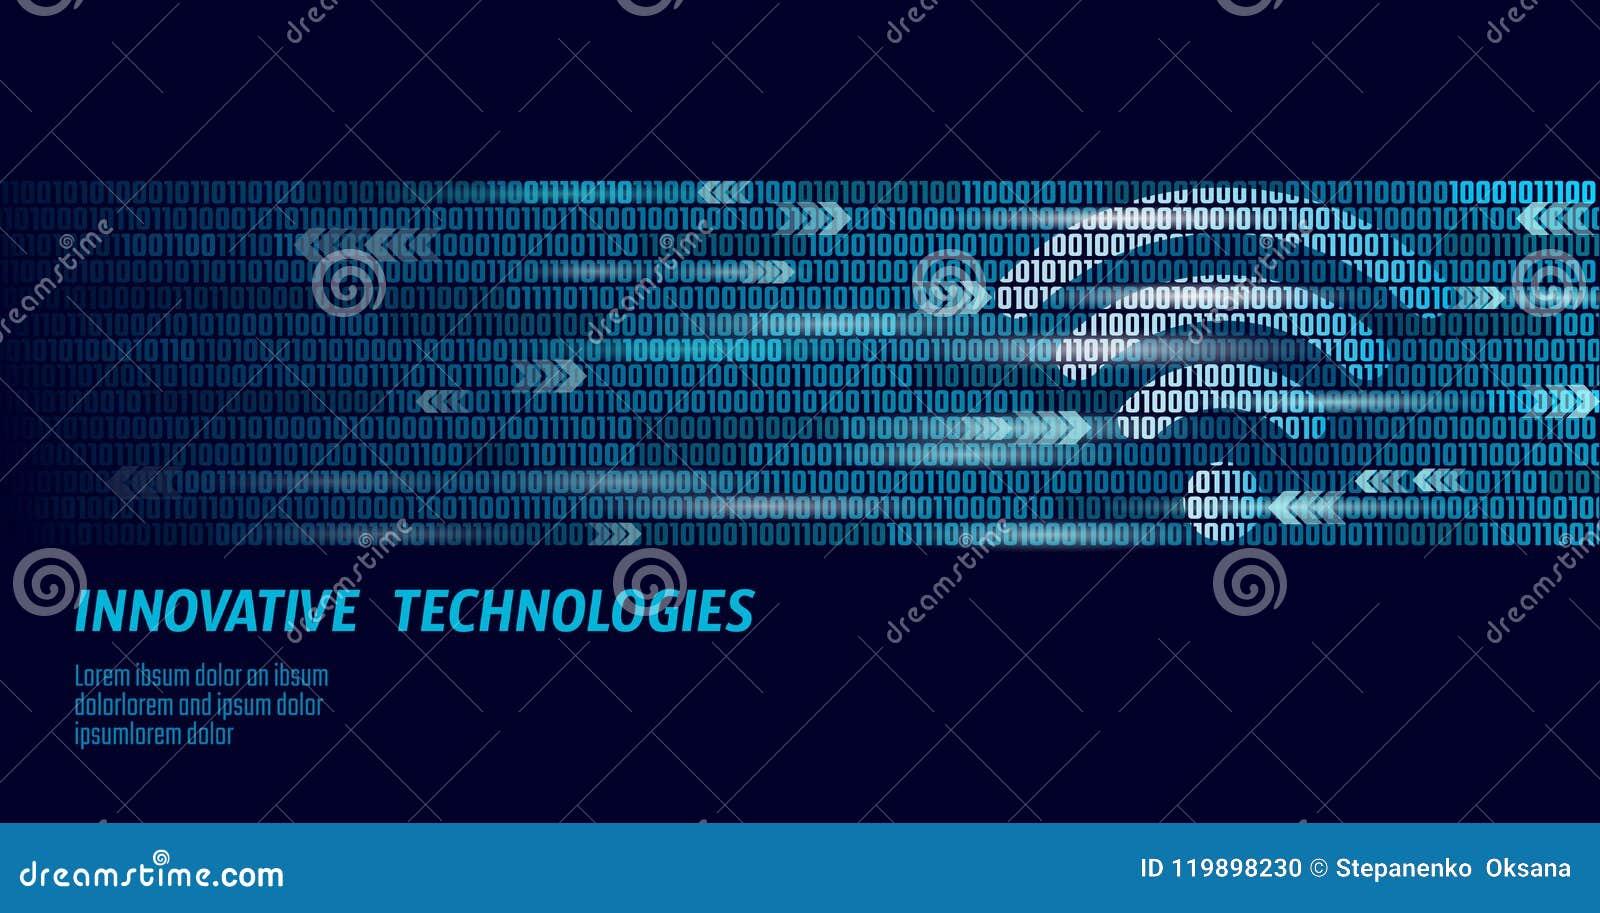 Draadloze Internet-wifiverbinding Grote de stroomaantallen van de gegevens binaire code Globale de innovatieverbinding van de net